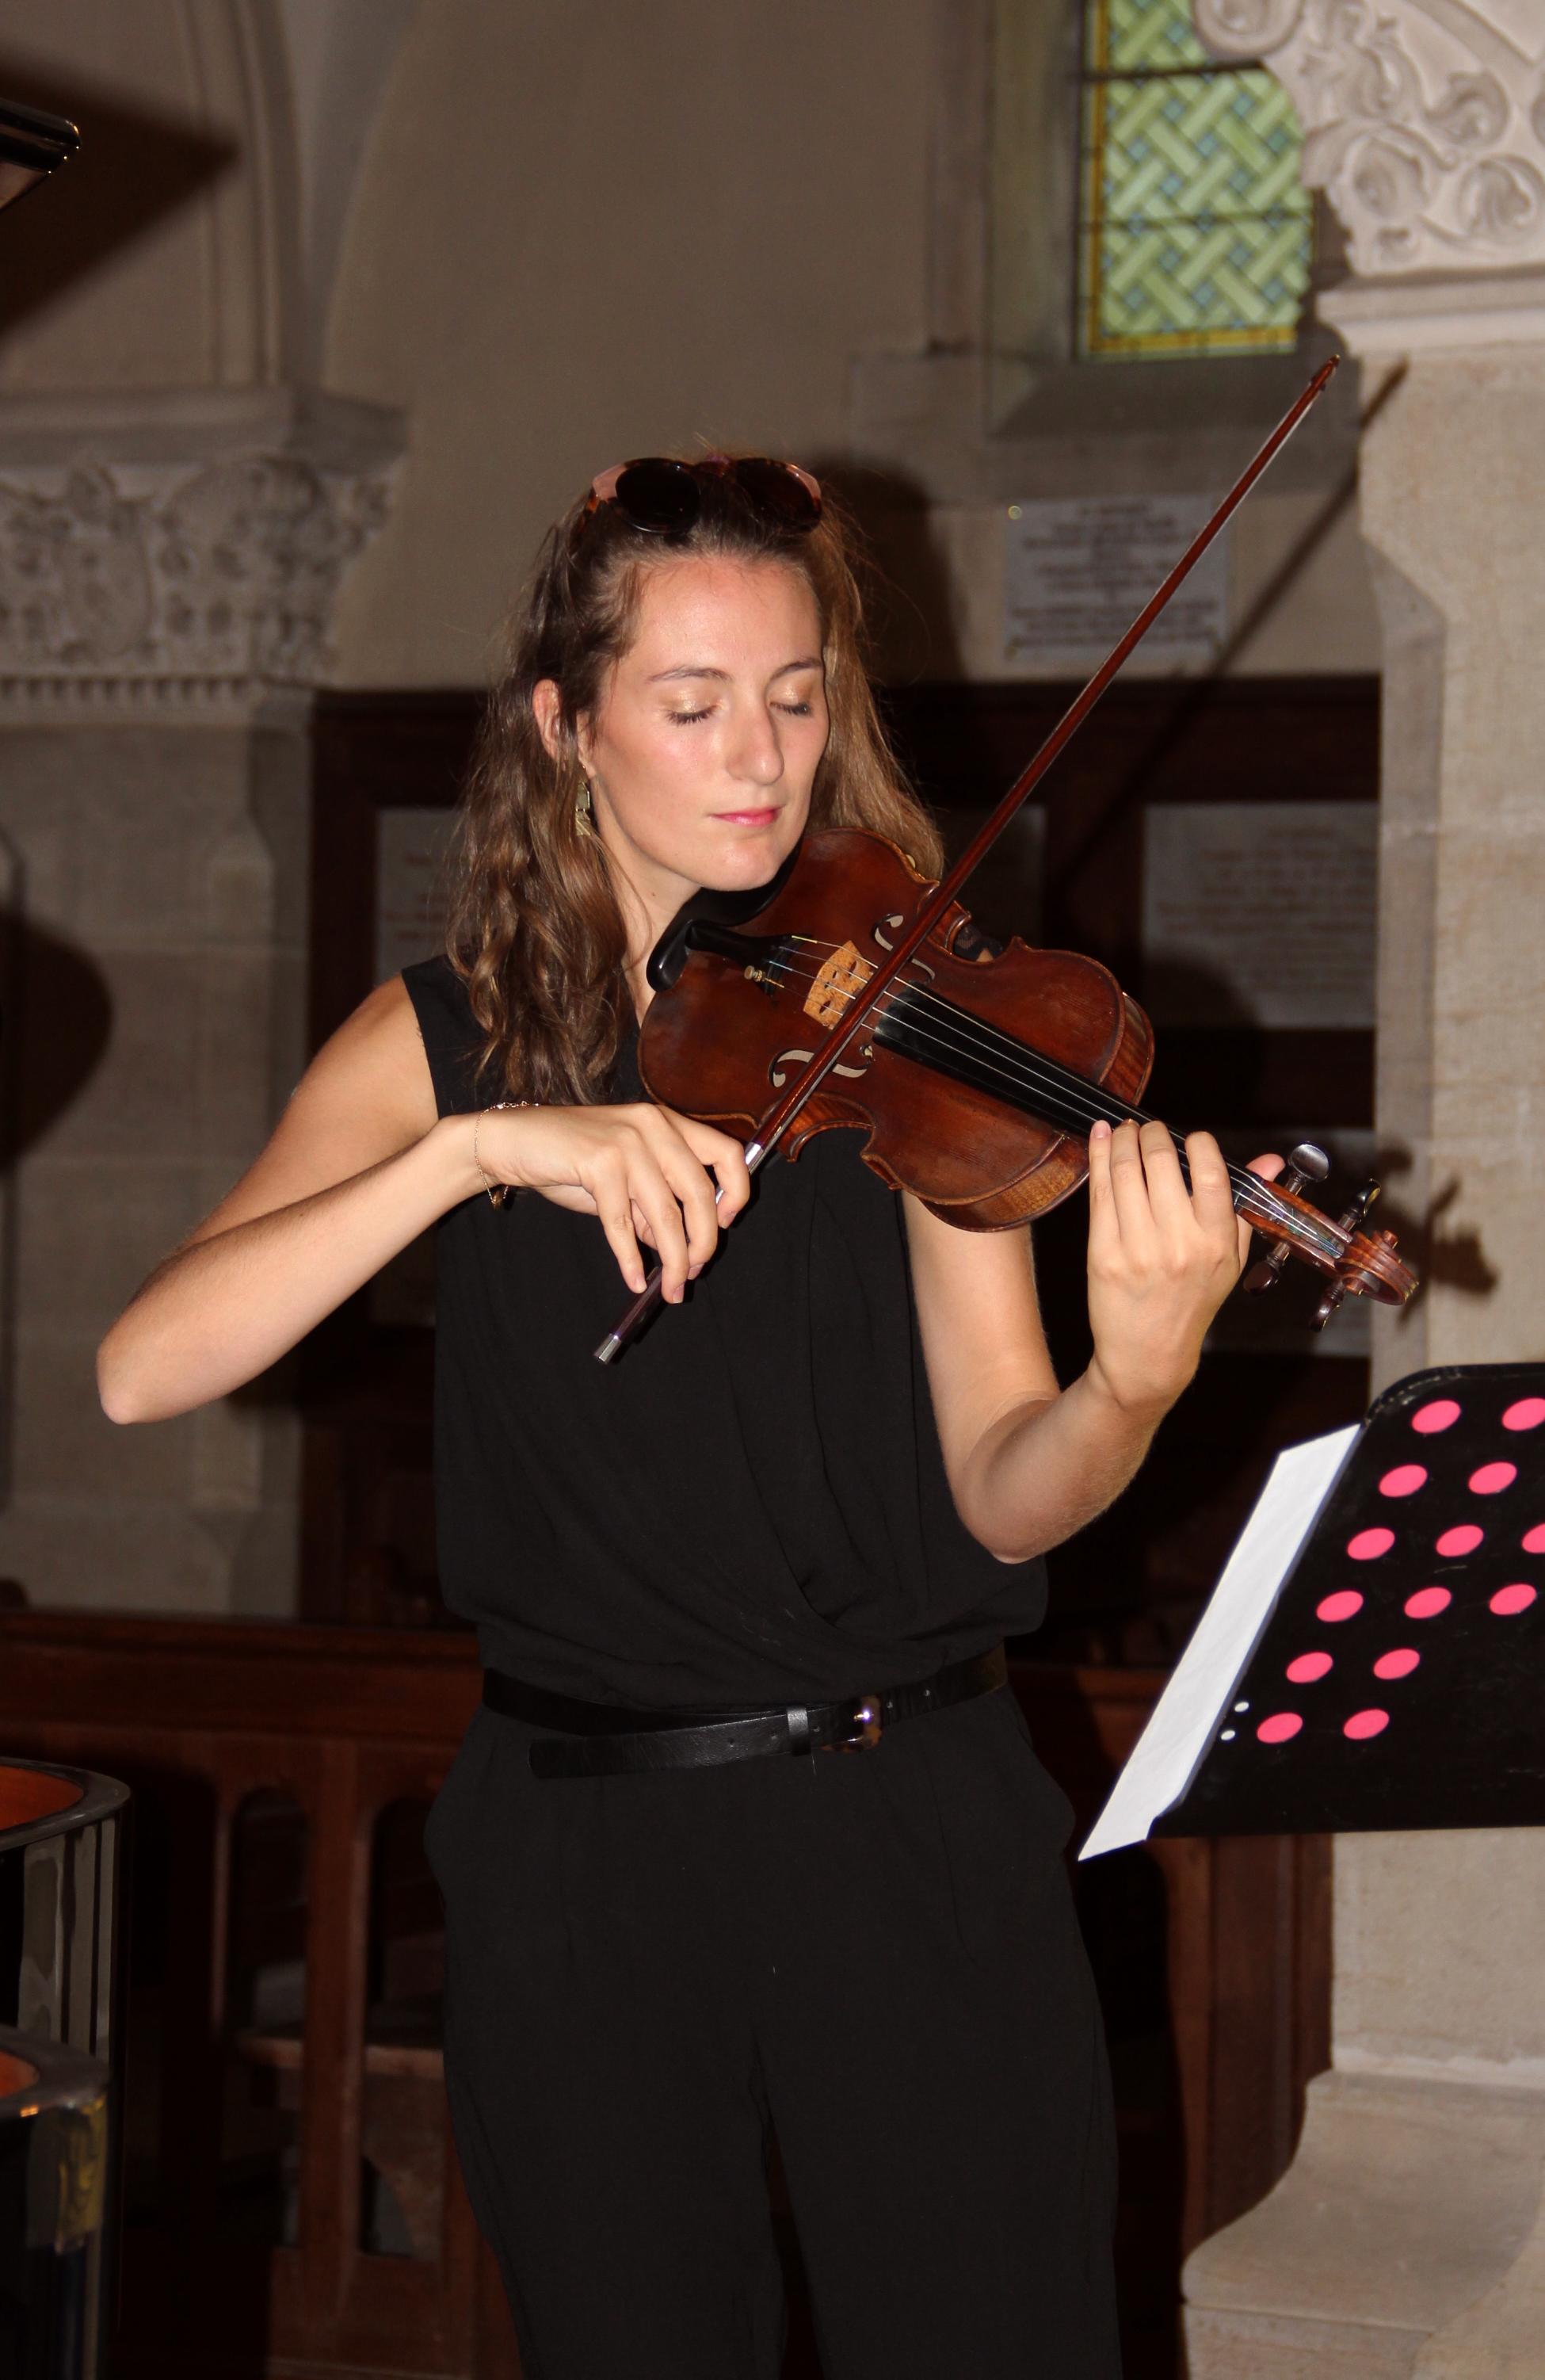 Marie Graziano